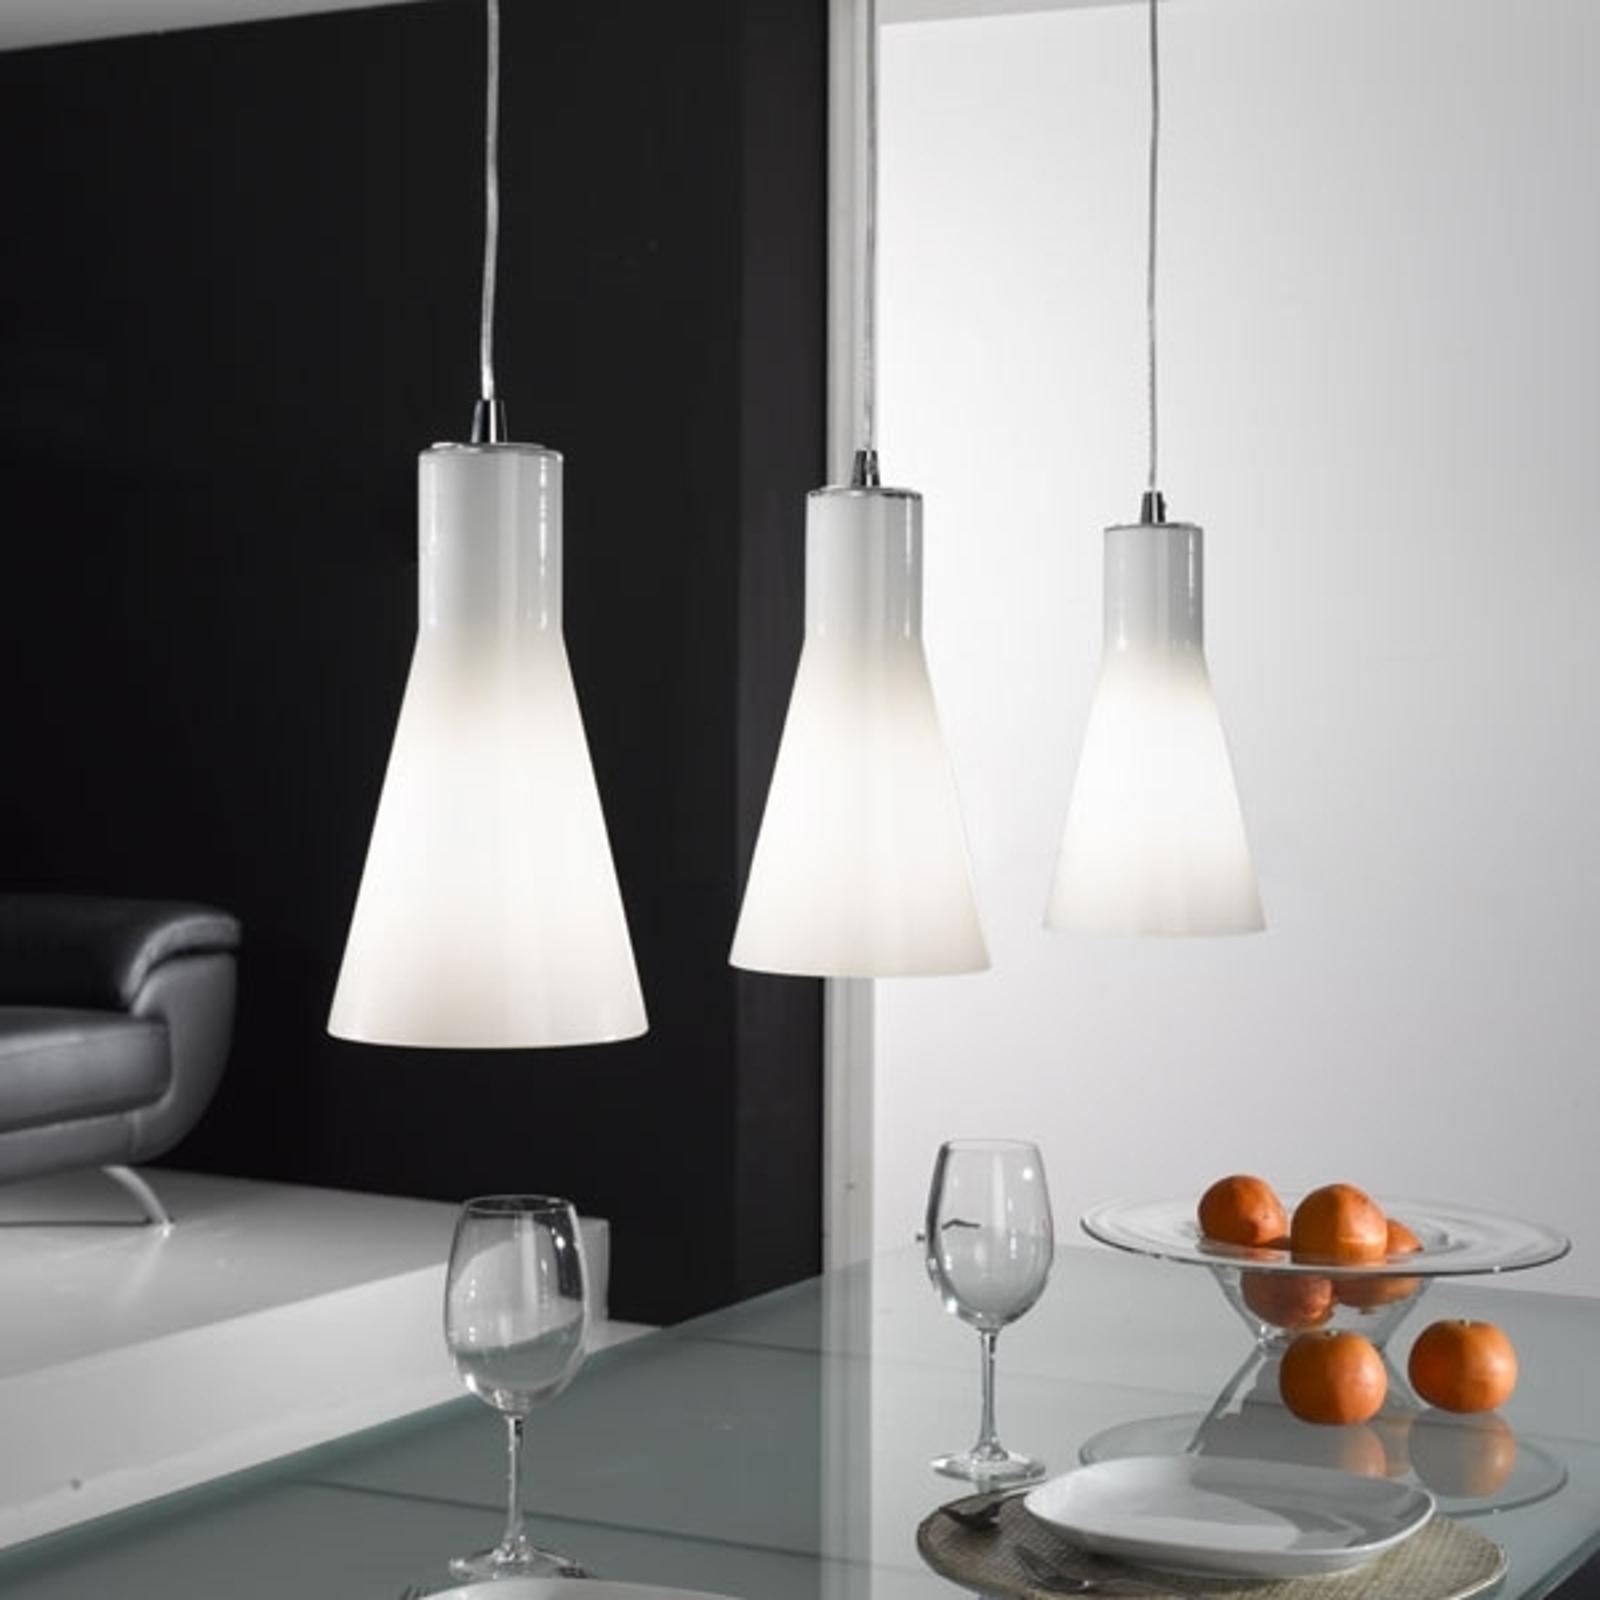 Dana hængelampe af glas, 3 lyskilder